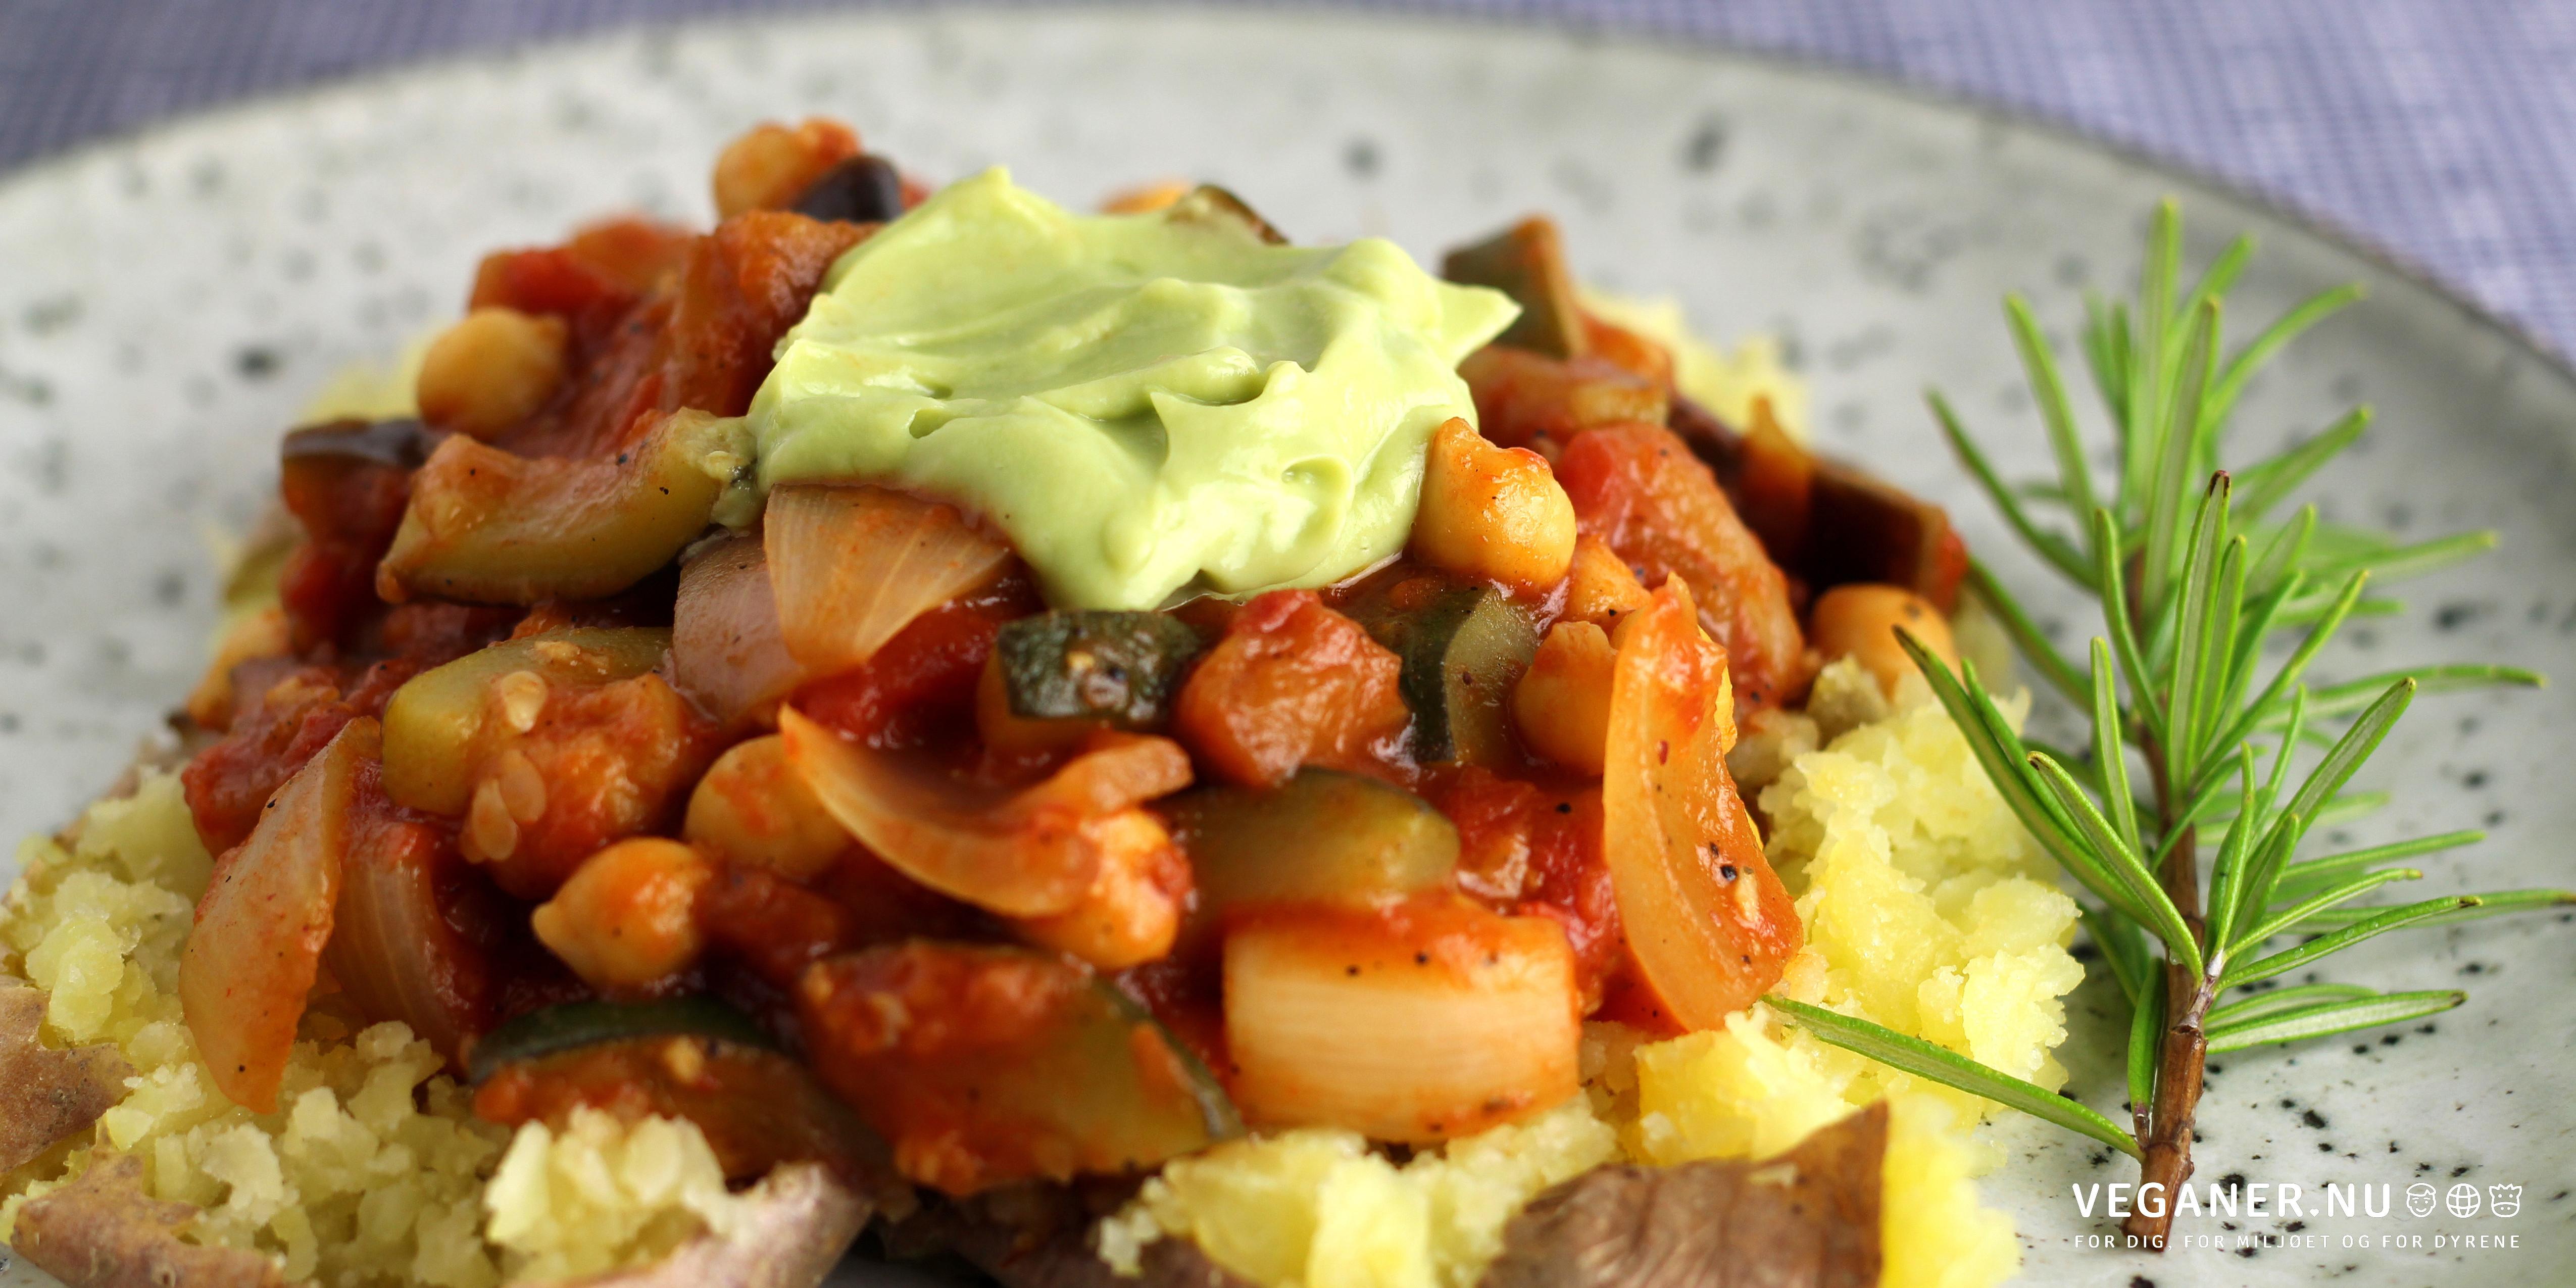 Kvastofler med grov kikærteratatouille og avocadocreme